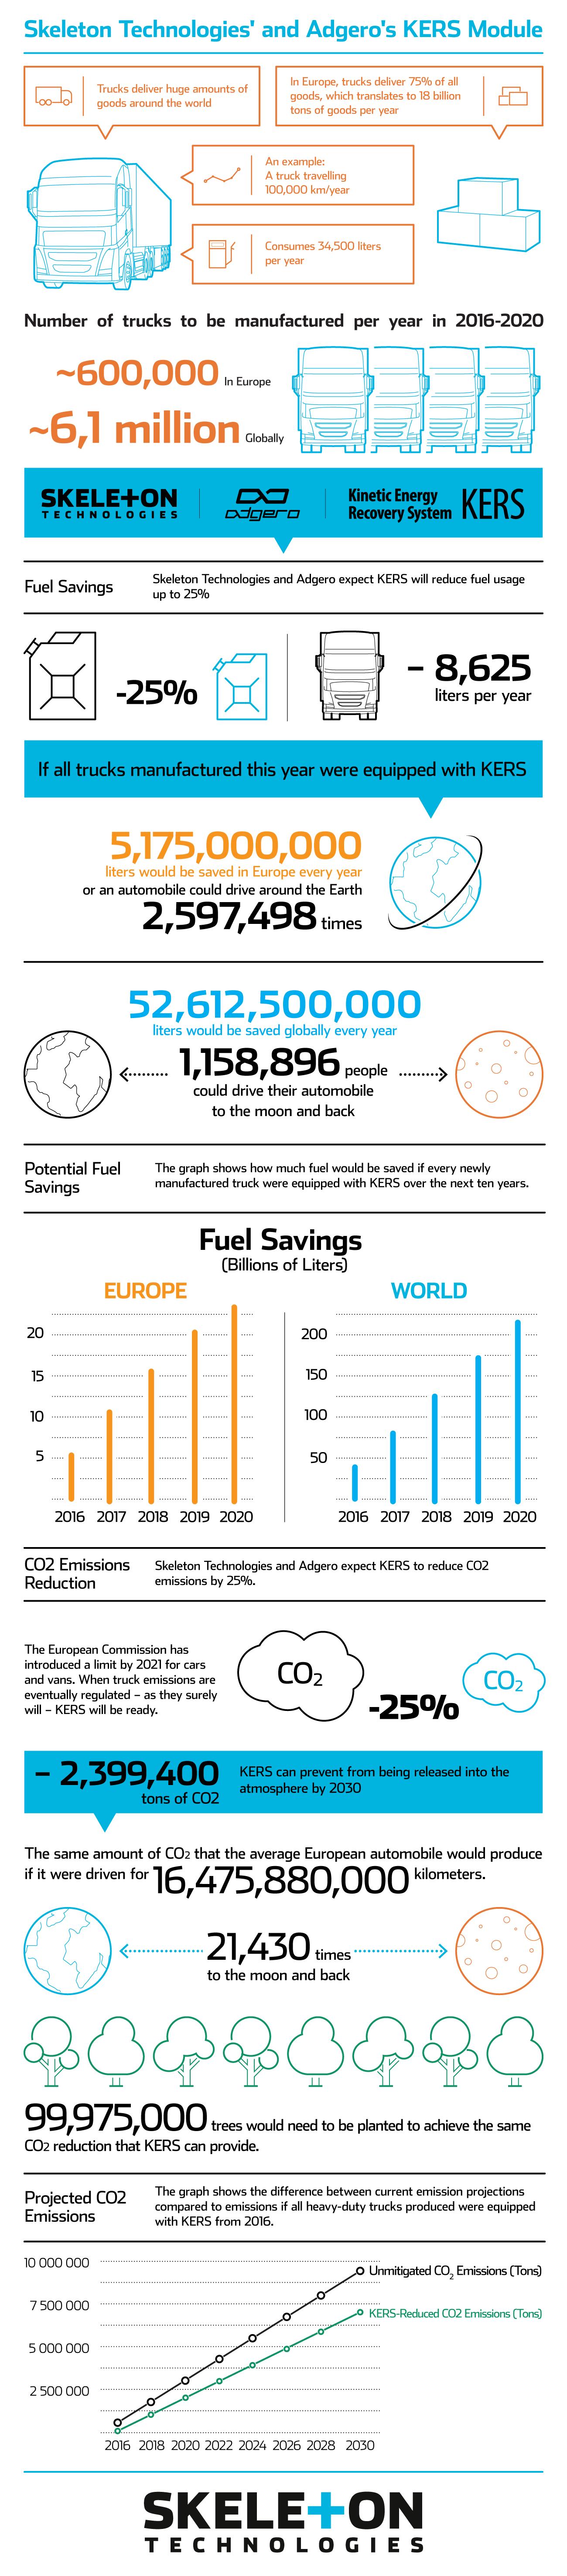 160426-IG_Fuel_Savings_2_world.png